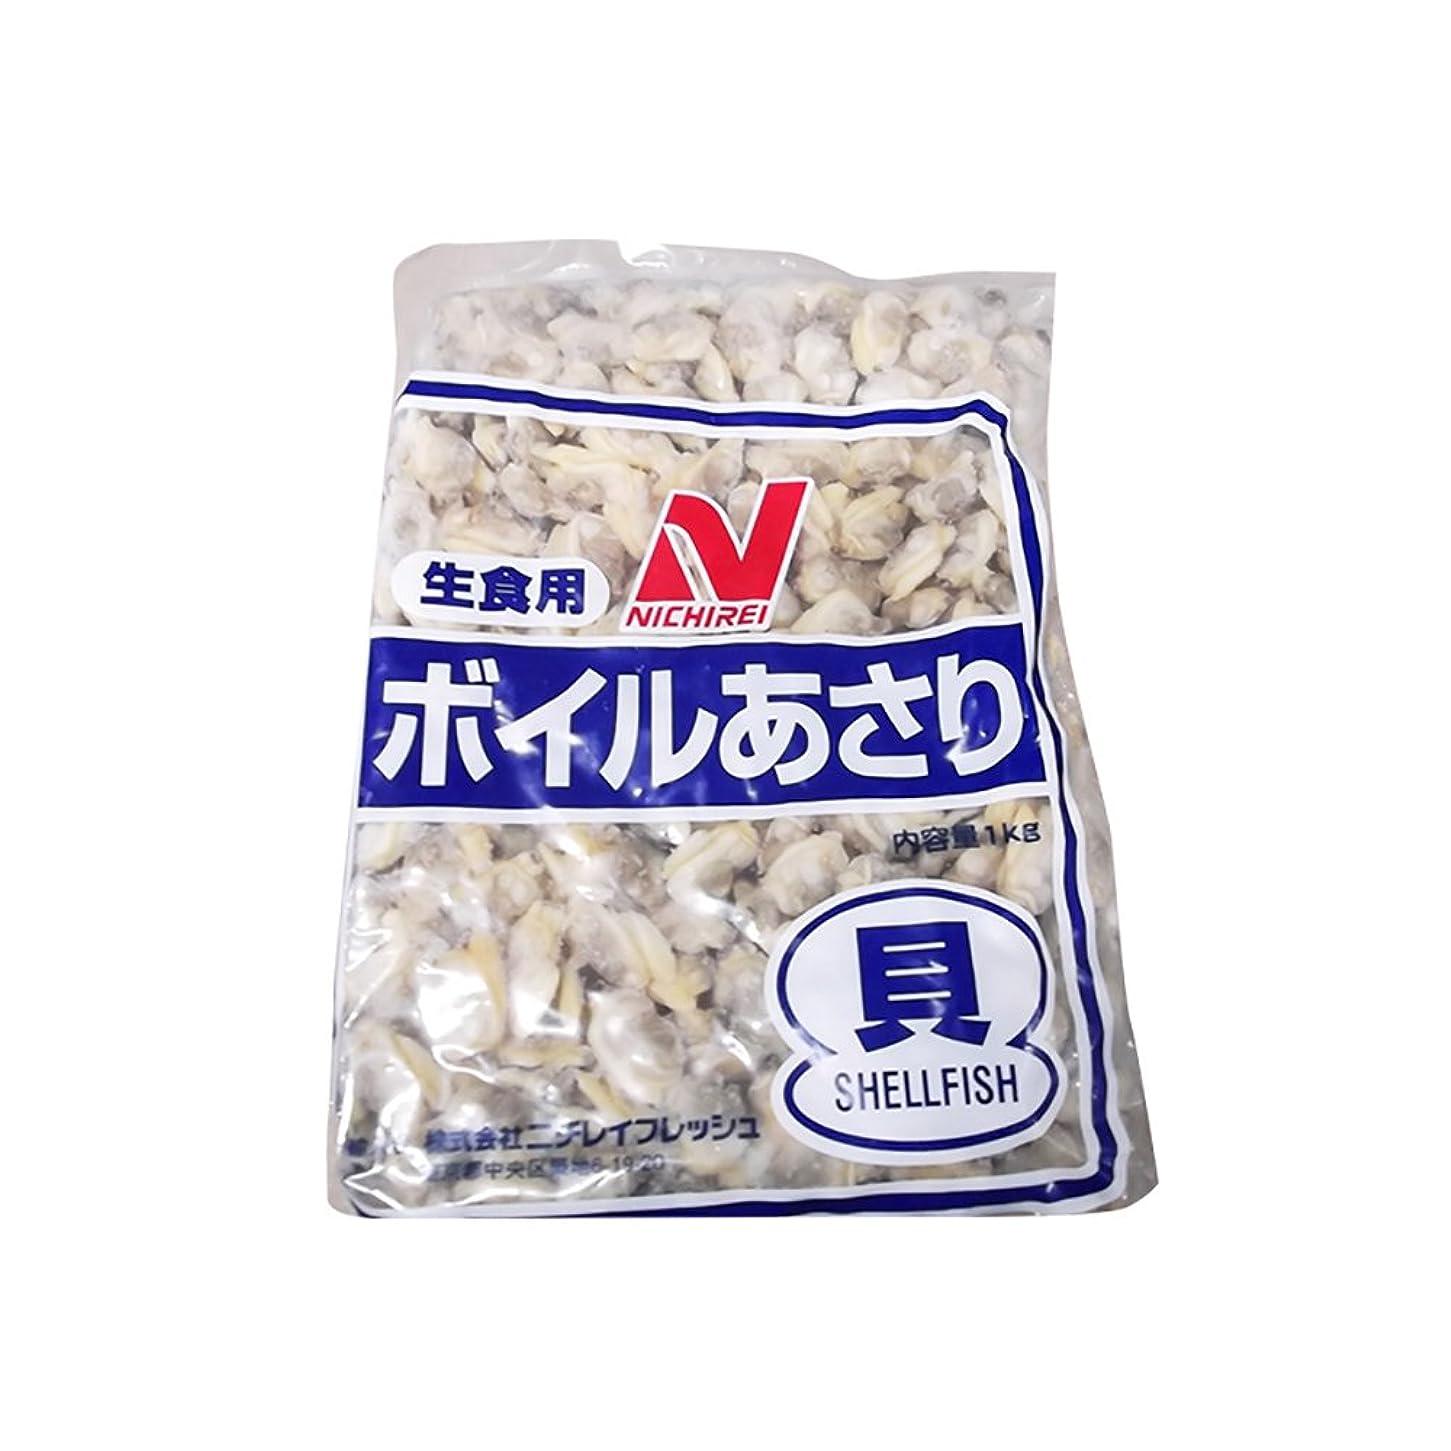 聖書パイロットナプキン【冷凍】 ニチレイ 中国産 ボイルあさり むき身 L 1kg